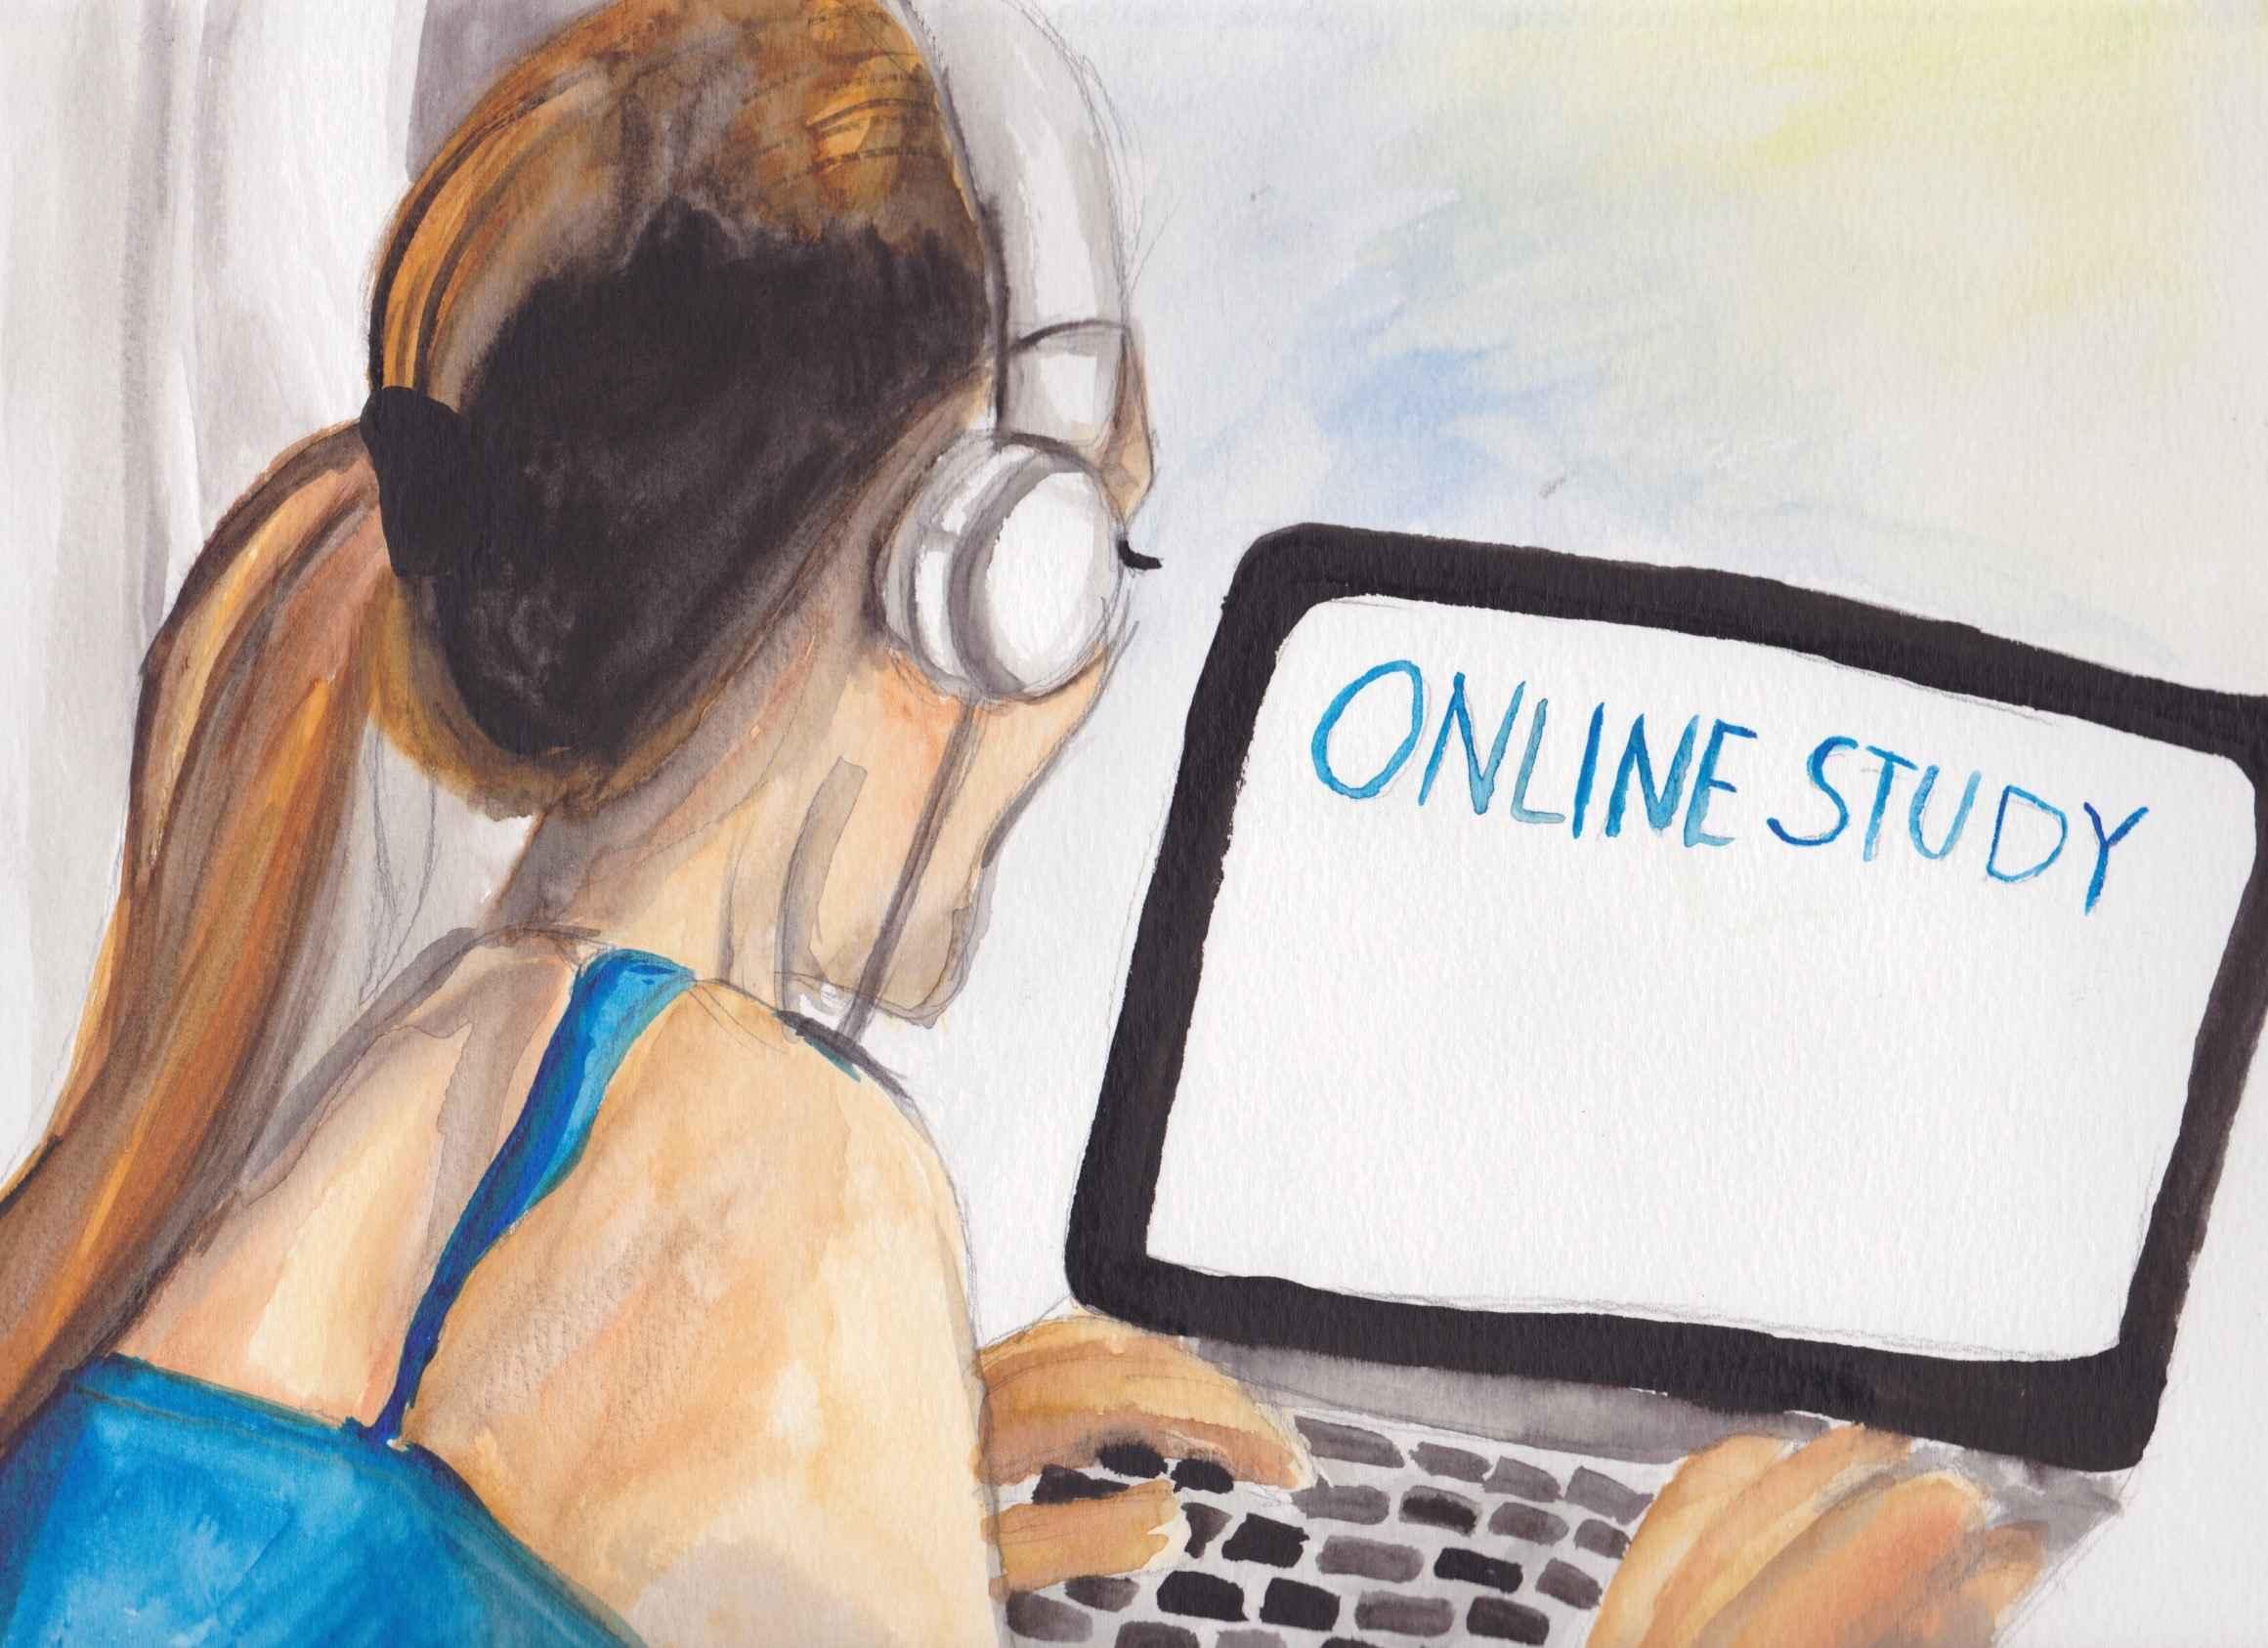 miko online study